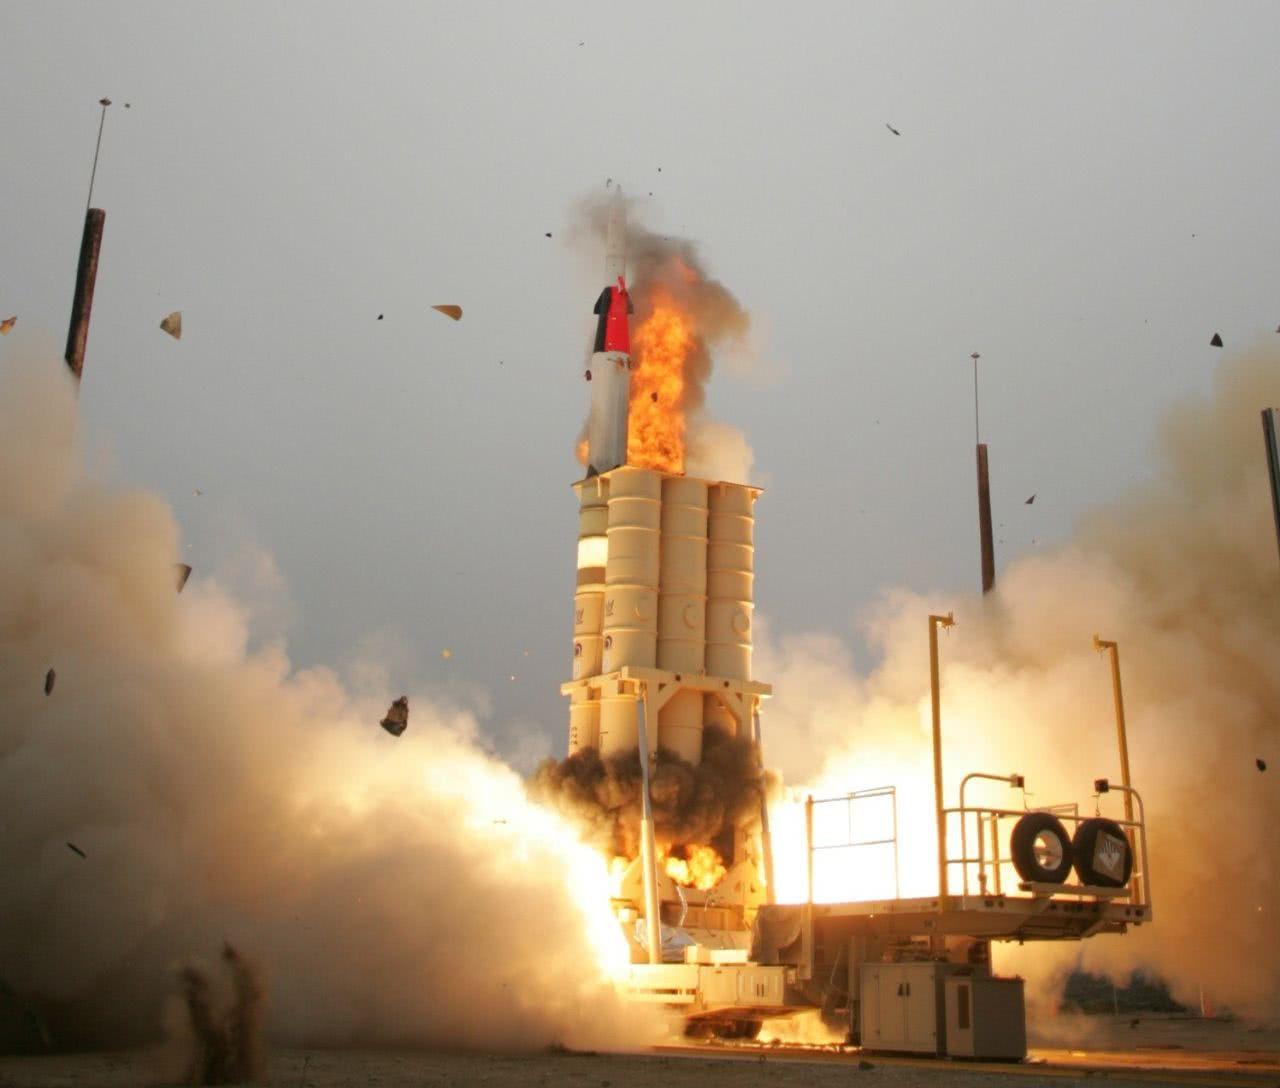 以色列试射新型核导弹,伊朗指责西方视而不见,美:这是和平之剑